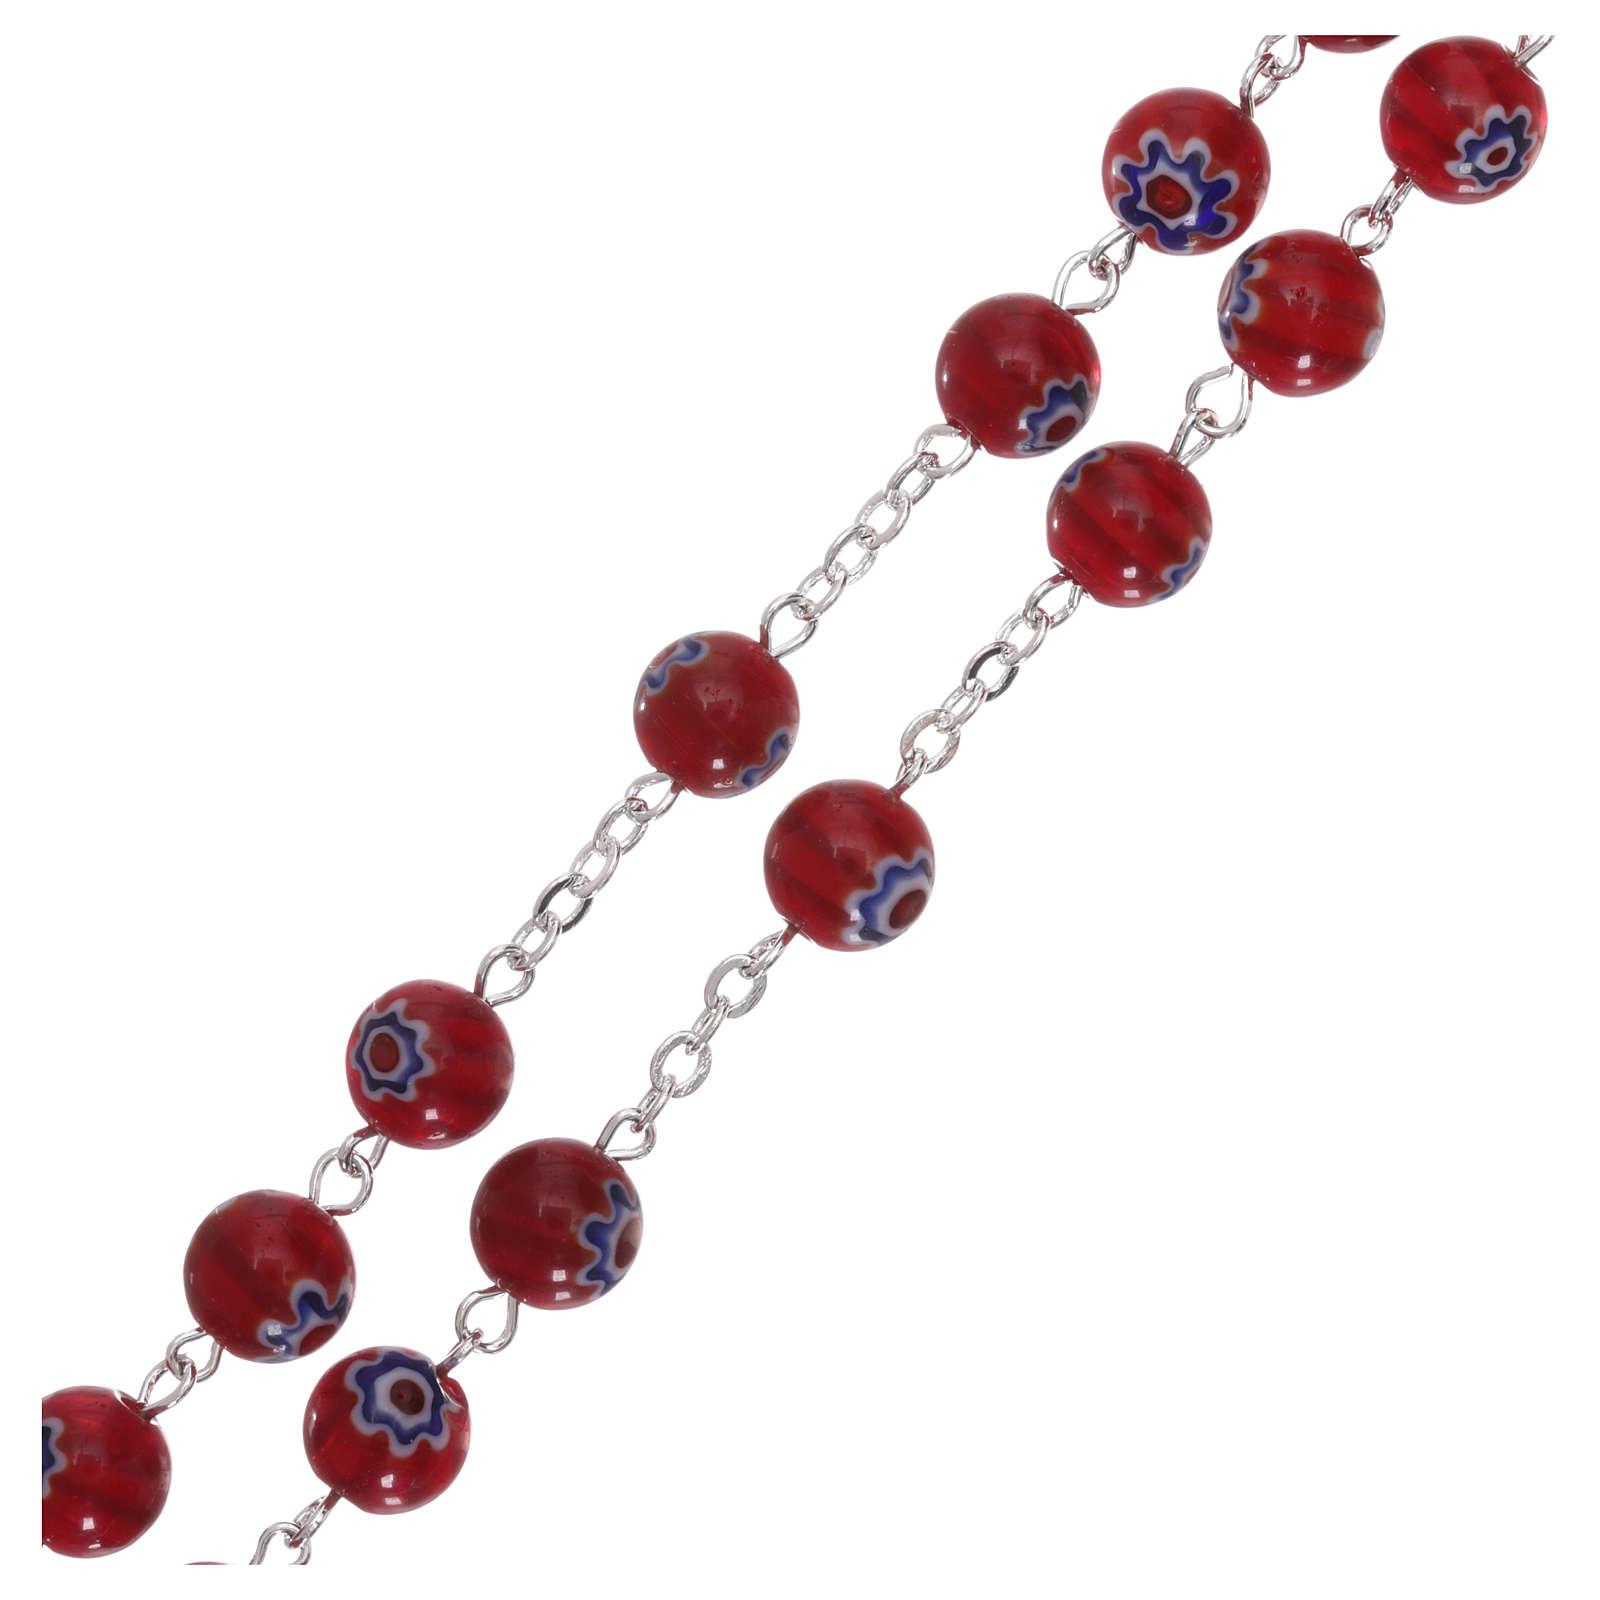 Chapelet en verre style Murrina couleur rouge avec motifs floraux et rayures 8 mm 4